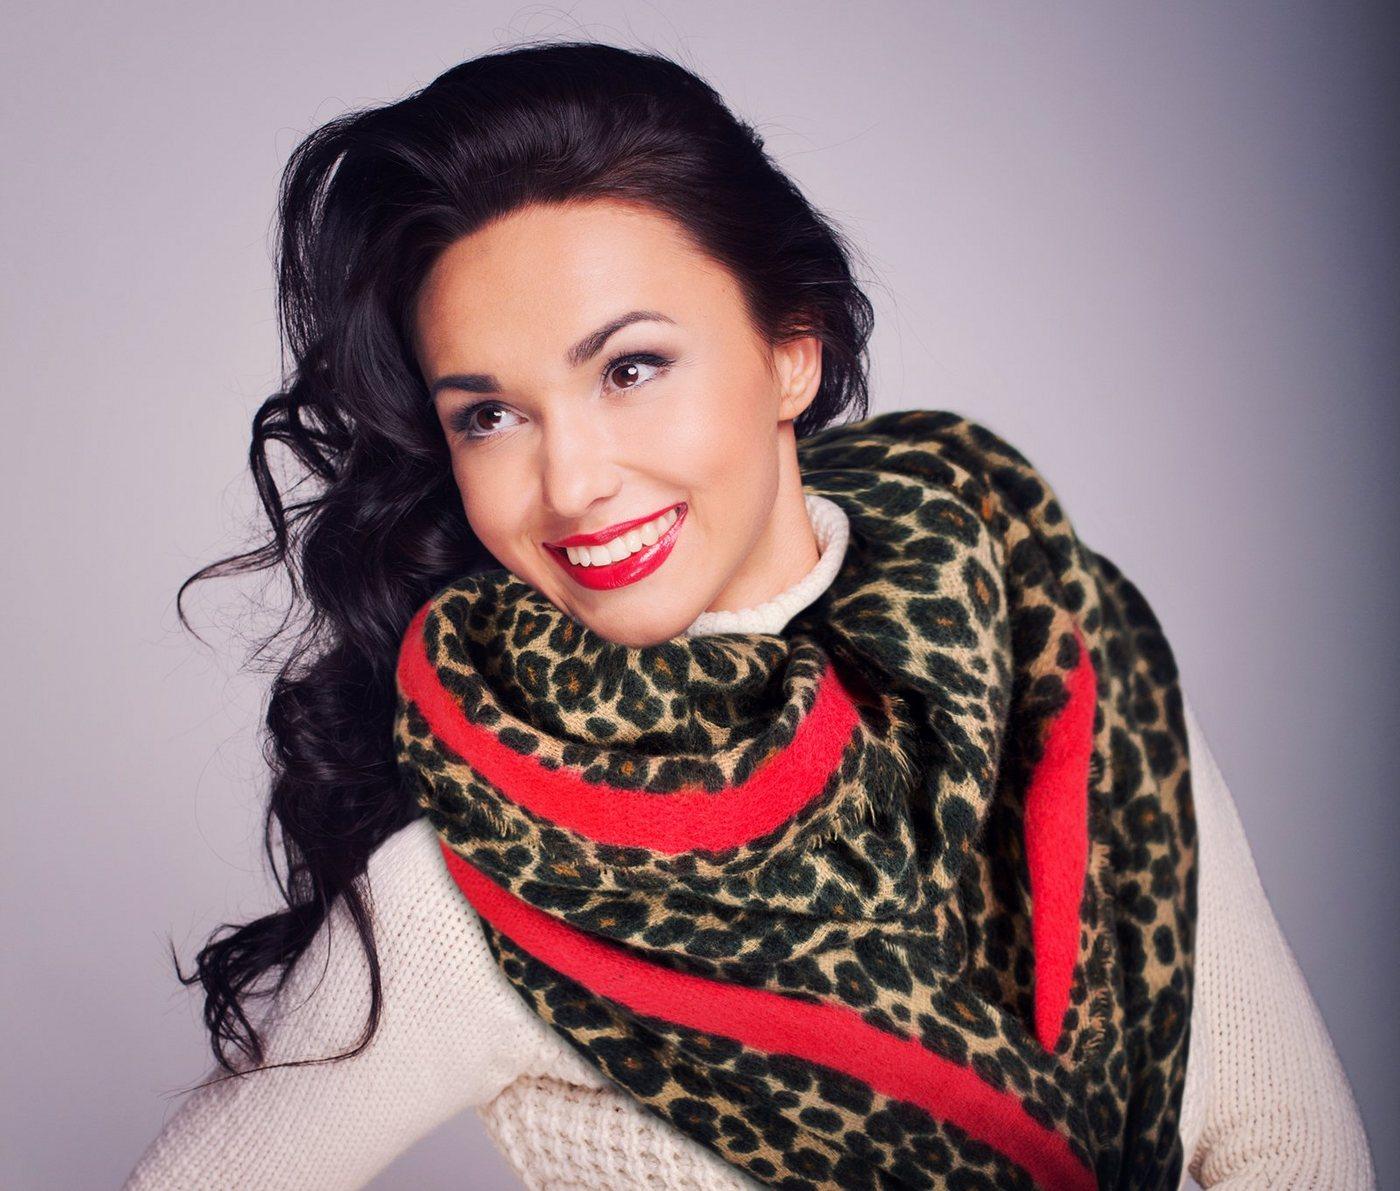 mybeautyworld24 -  XXL-Schal »Oversized Damen-Schal Winterschal beidseitig tragbar mit Leomuster und roten Streifen Animalprint«